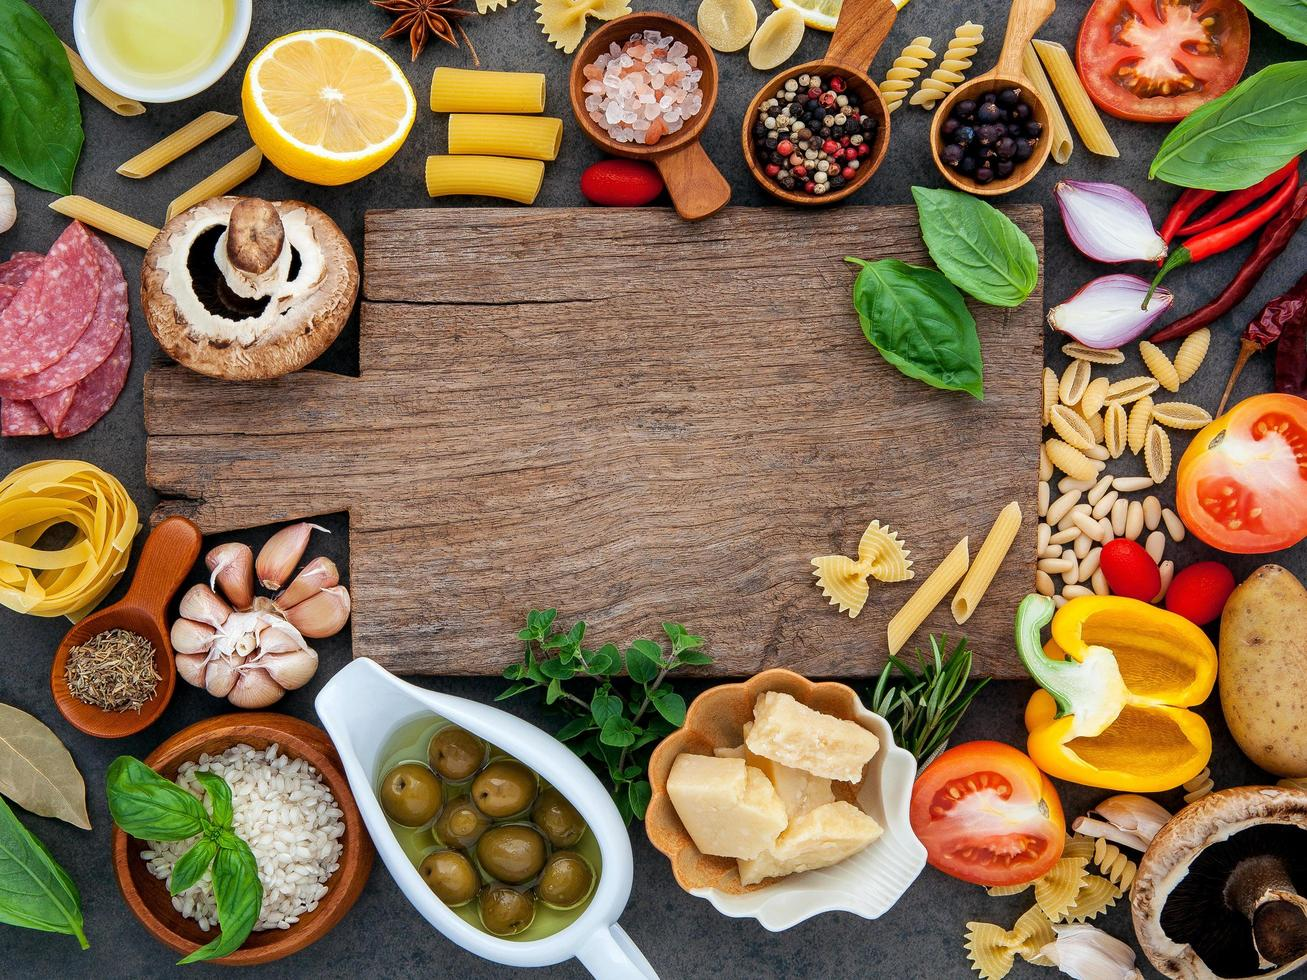 planche de bois entourée d'ingrédients frais photo